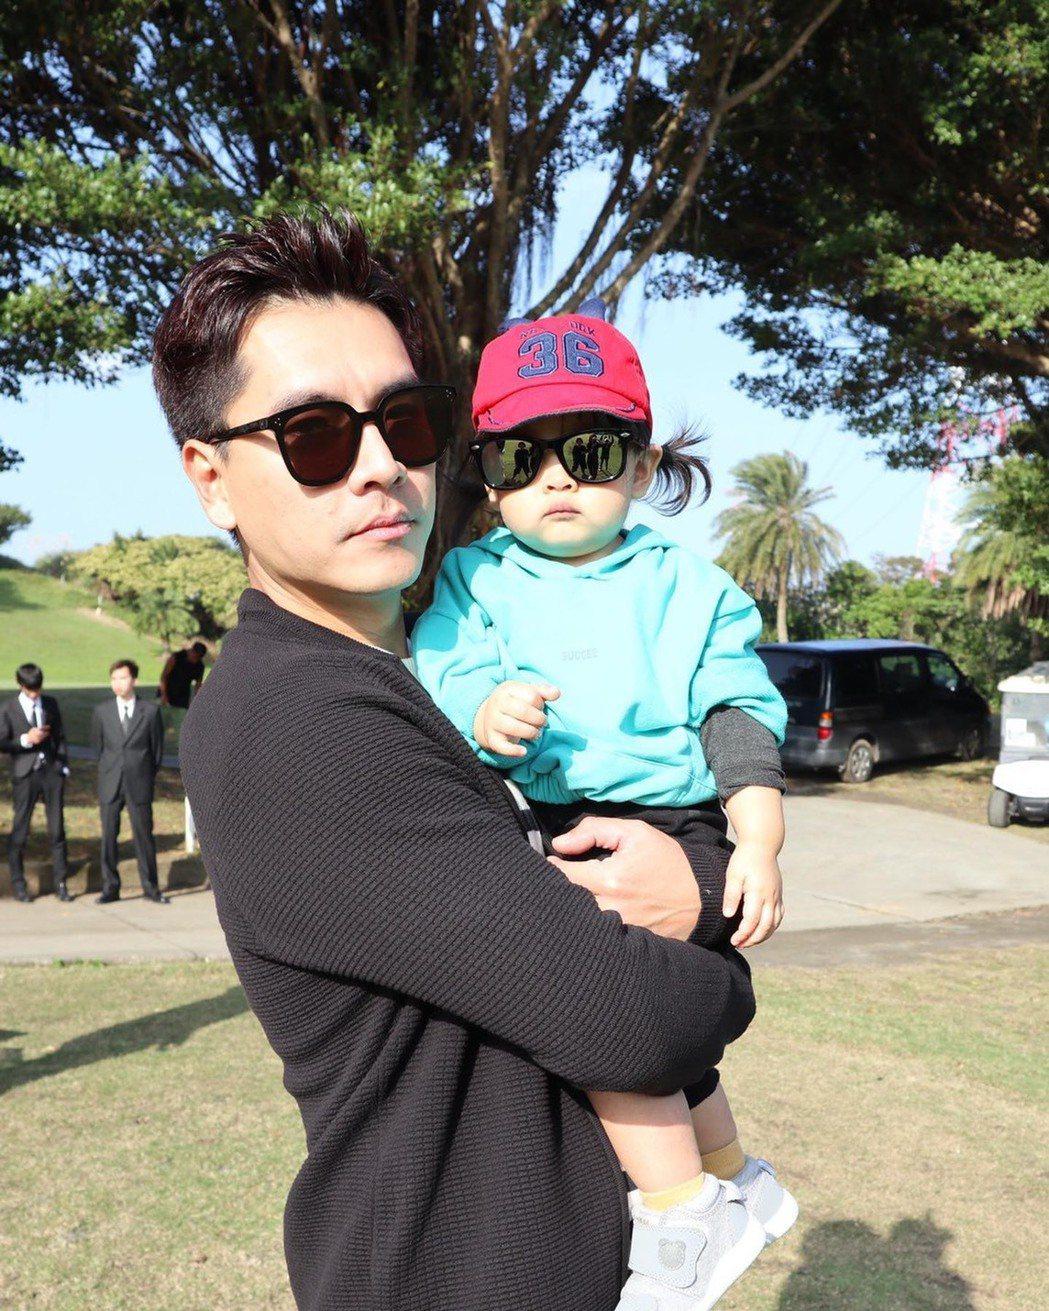 王傳一抱著女兒,父女耍酷一個樣。圖/摘自臉書